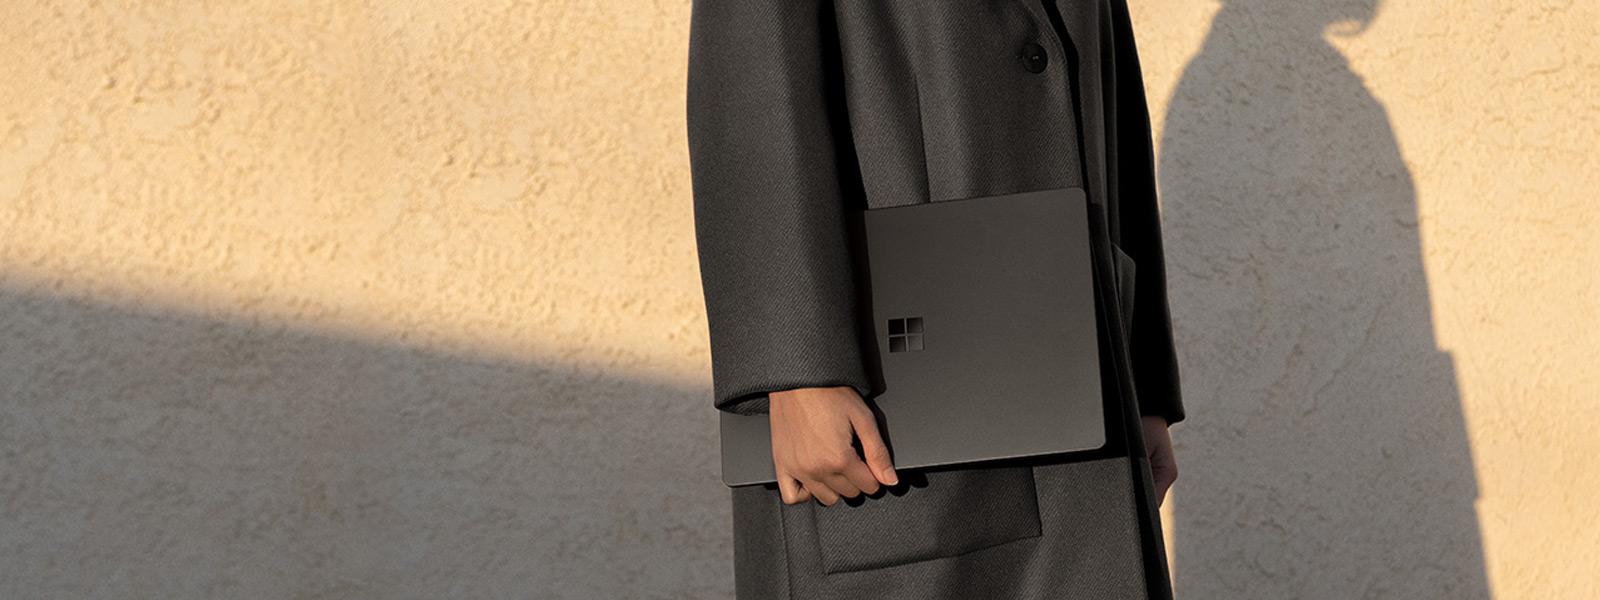 穿著黑色外套的人將黑色 Surface Laptop 2 拿在身側